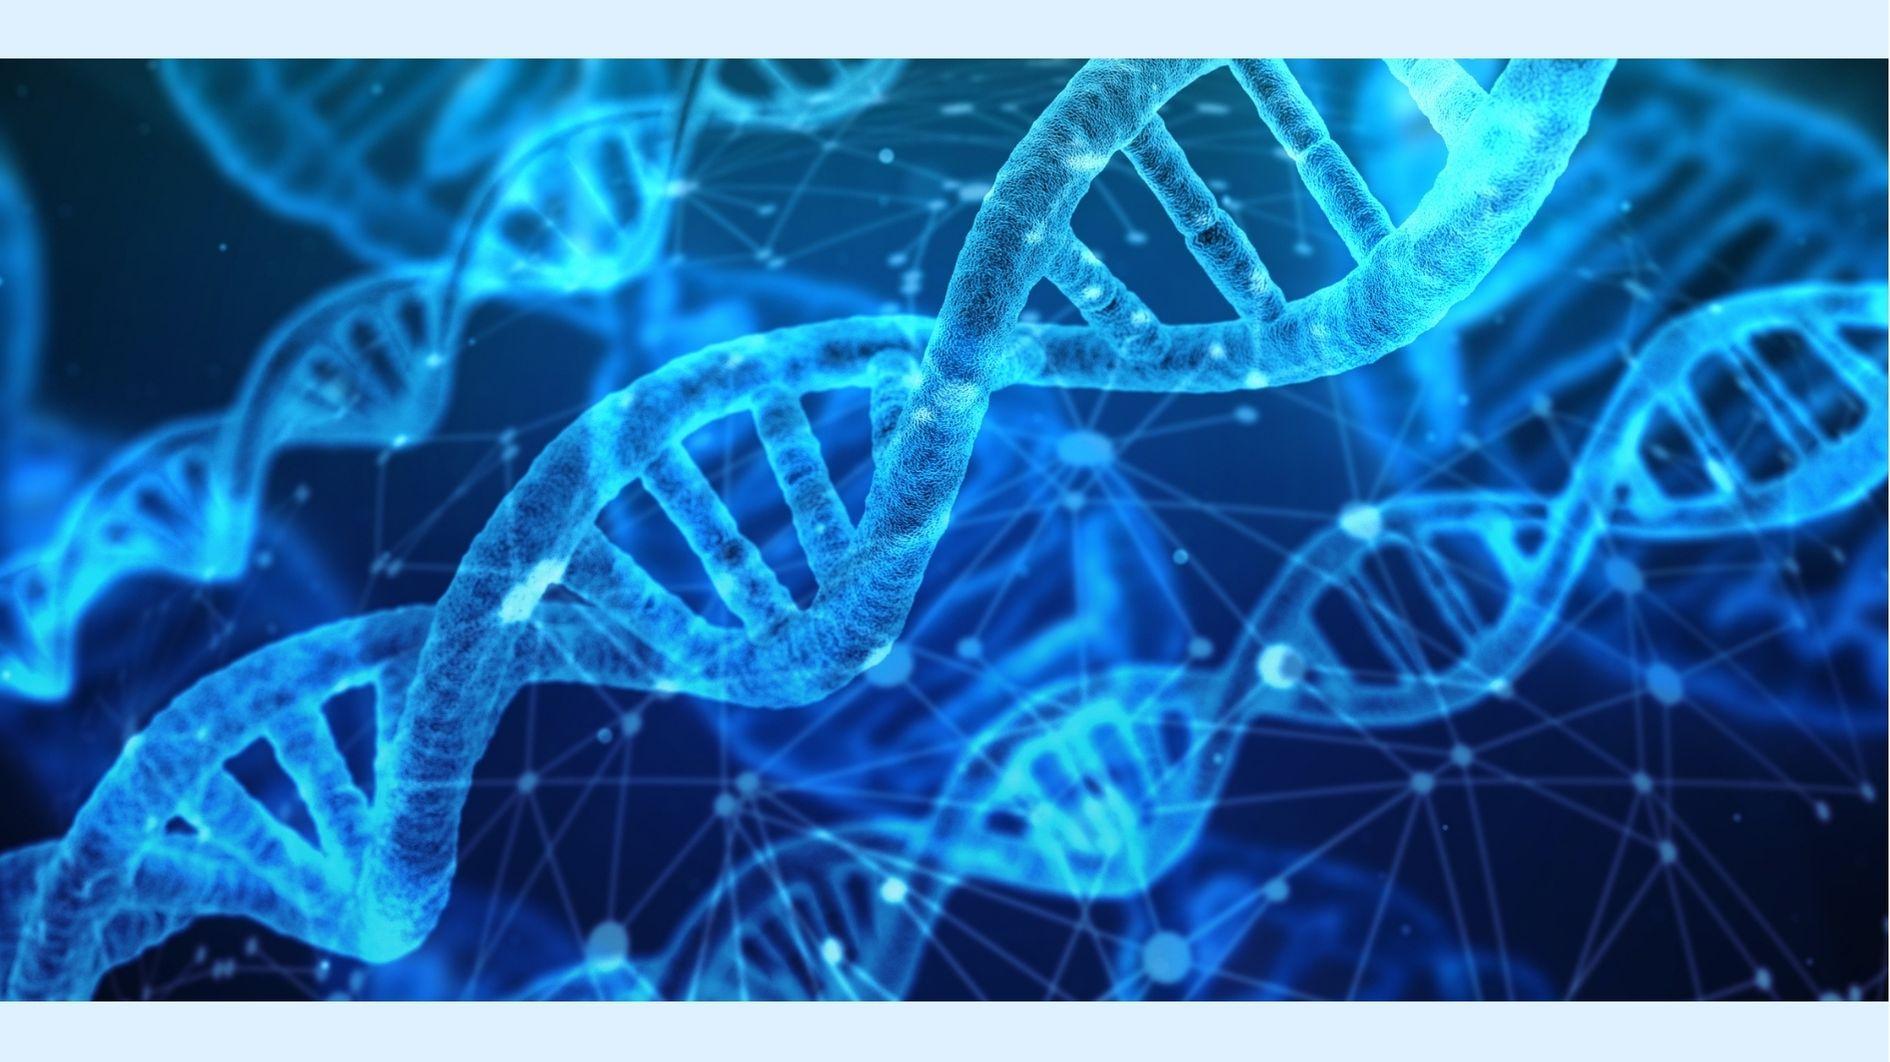 遺伝子アルファベットに「Z」を持つ複数のウイルスを確認!